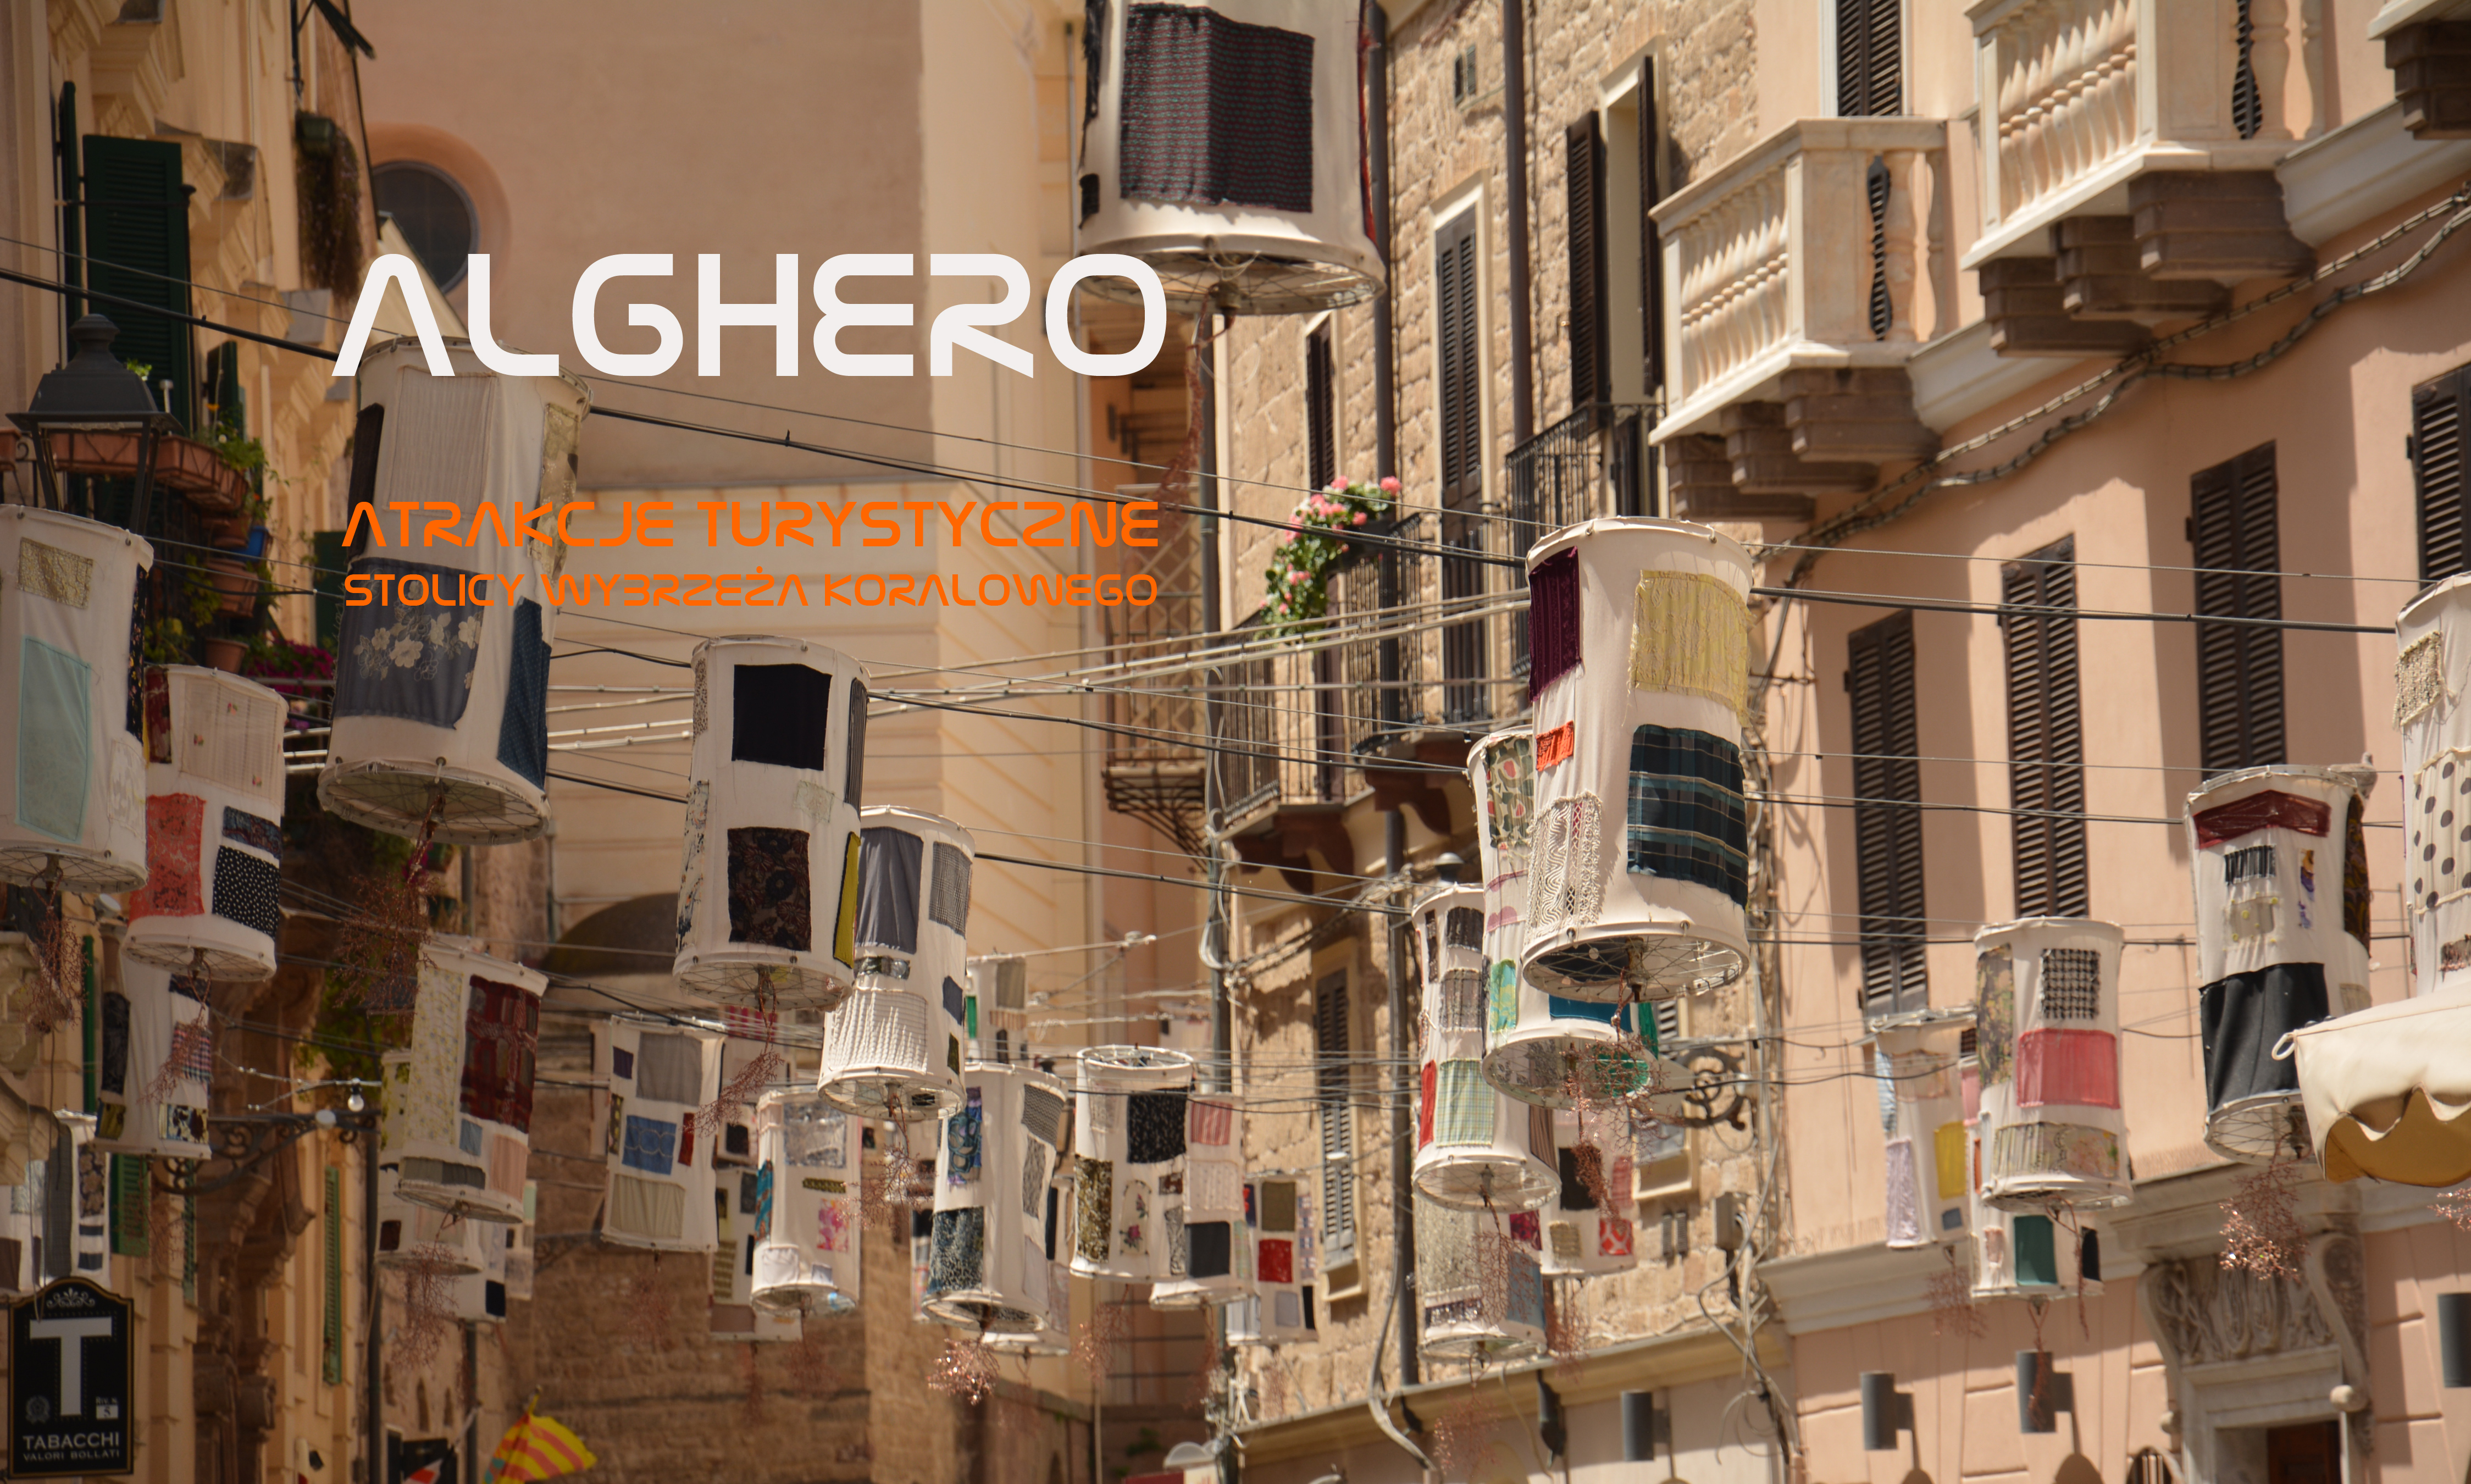 Alghero – atrakcje turystyczne stolicy Wybrzeża Koralowego